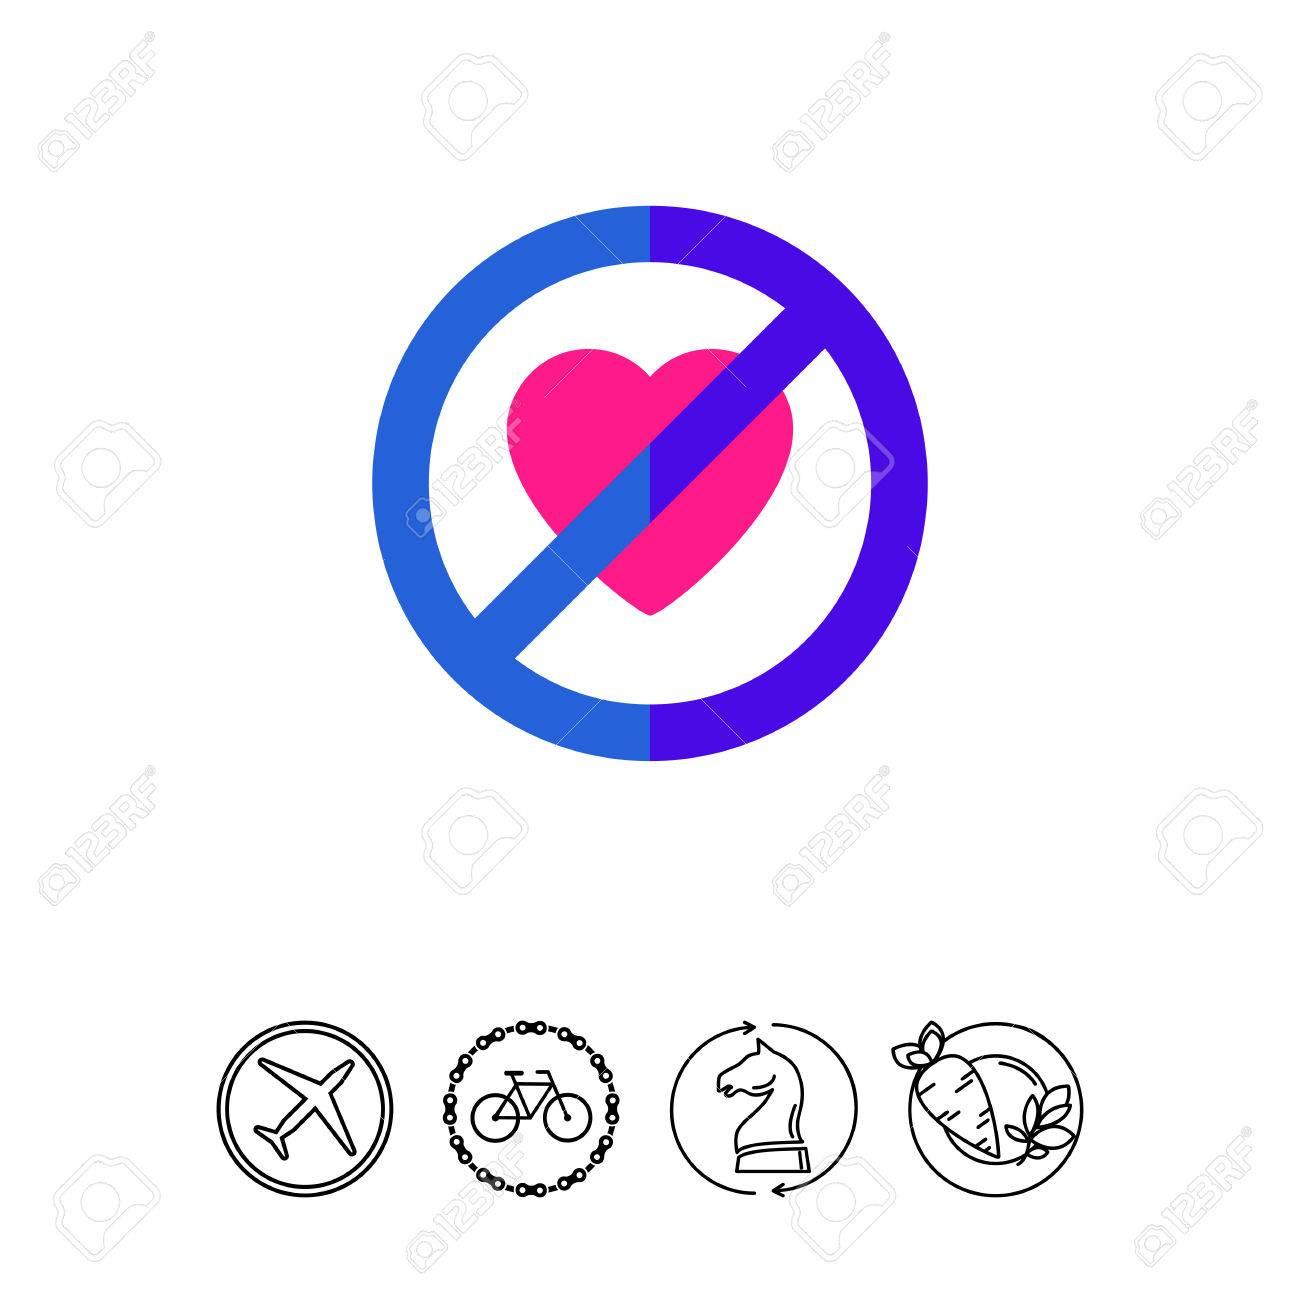 No heart sign feeling warning forbidden no heart concept feeling warning forbidden no heart concept can be buycottarizona